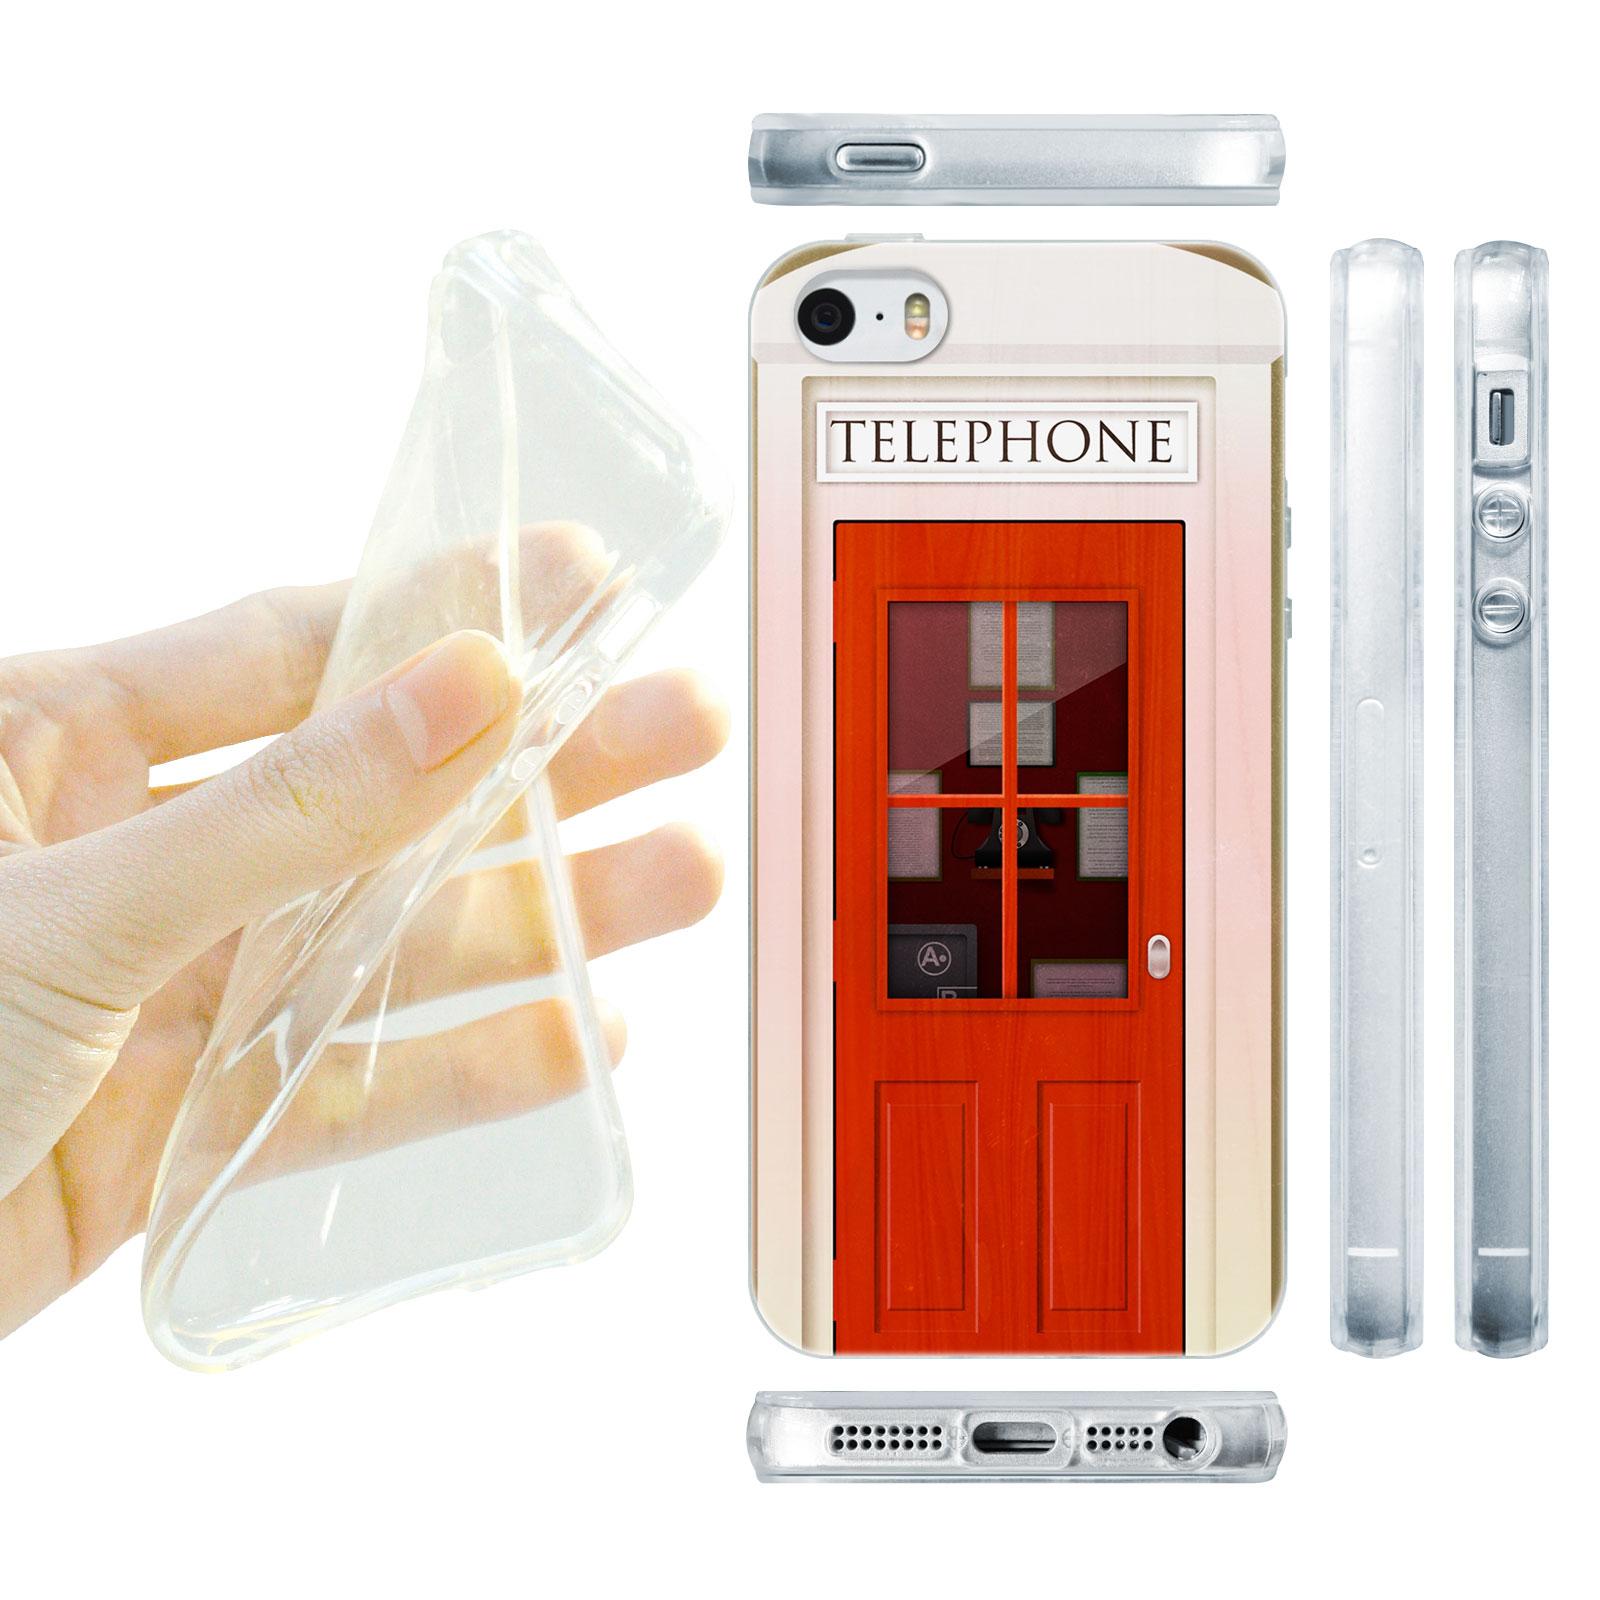 HEAD CASE silikonový obal na mobil Iphone 5/5S telefonní budka růžová barva